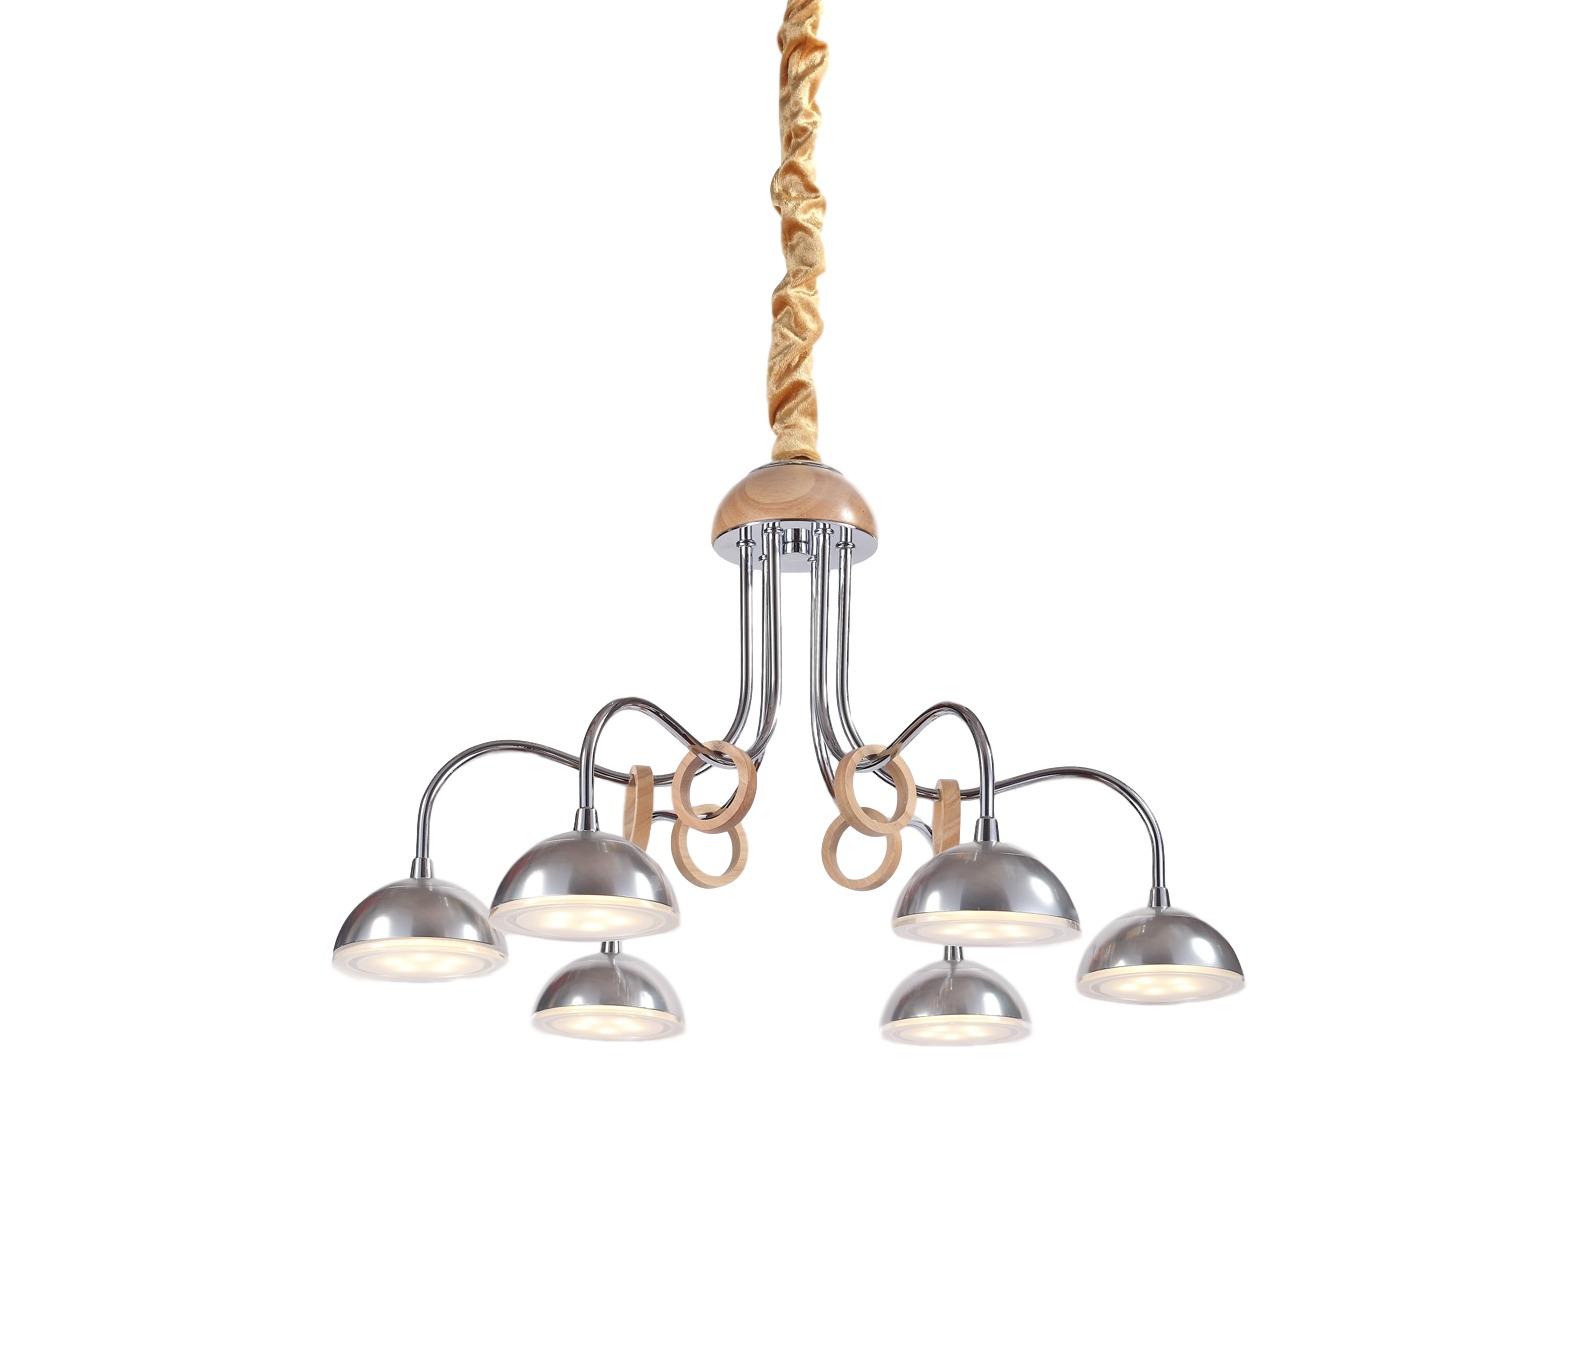 Люстра NaturaЛюстры подвесные<br>Материал: Дерево/металл/стекло<br>Design by Marco Rossini Italy<br>Источник света: LED 6*5W<br>Особенности:<br>  a) Низкое энергопотребление<br>  b) Яркое свечение по температуре оптимизировано под обычные лампочки накаливания<br>  c) Не нуждается в замене лампочек&amp;amp;nbsp;<br><br>Material: Дерево<br>Height см: 76<br>Diameter см: 53